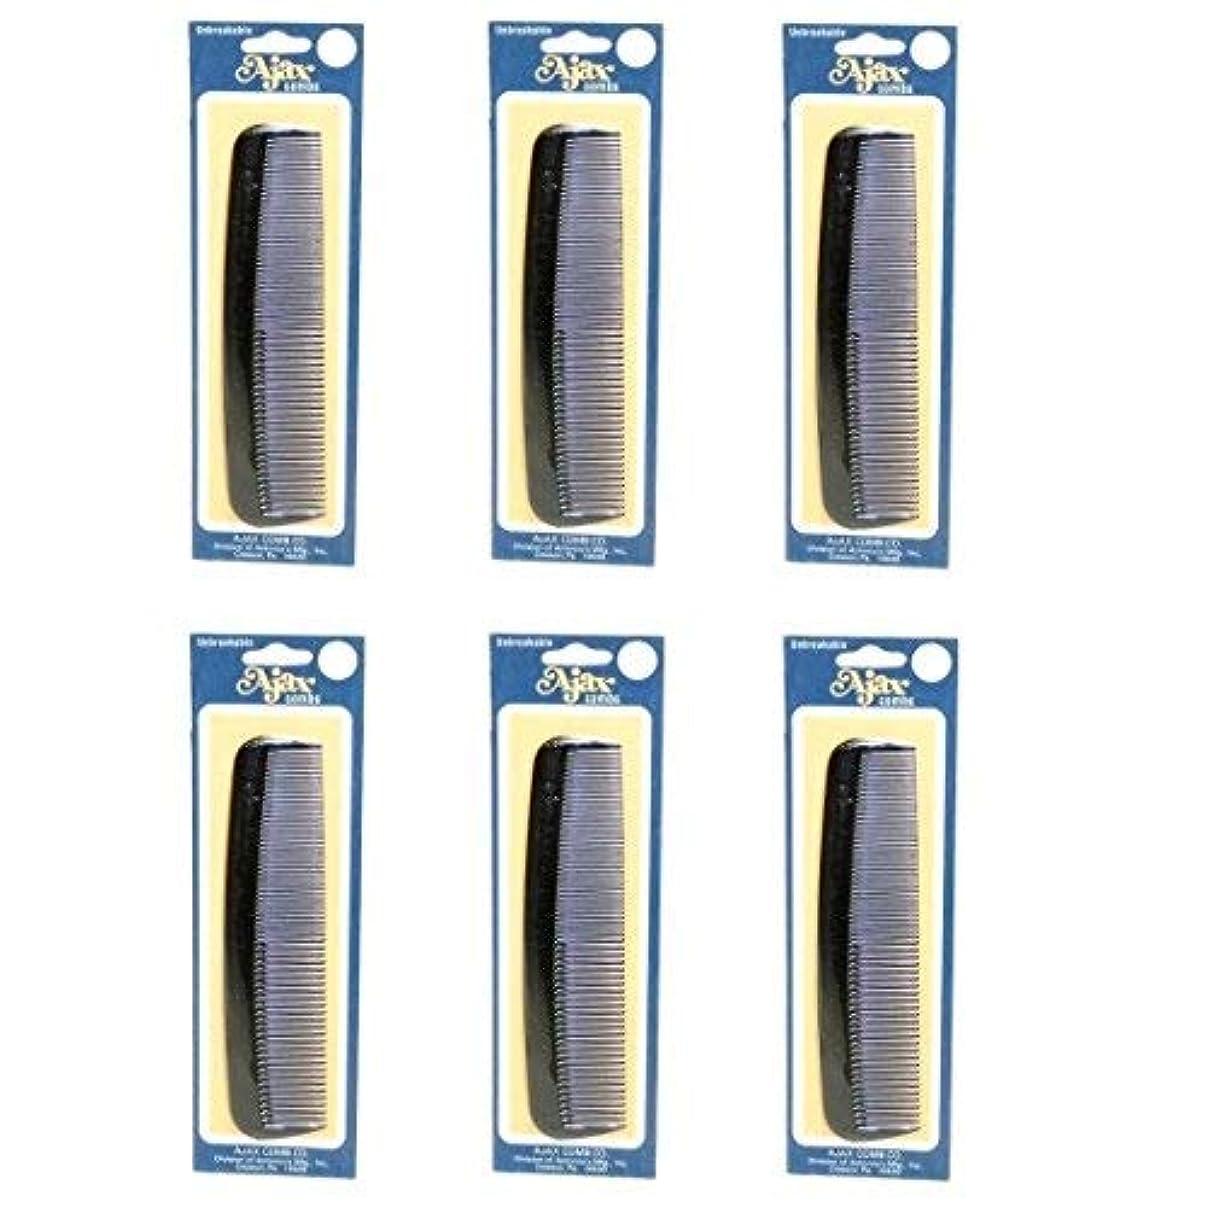 確実フラッシュのように素早く識別Ajax Unbreakable Hair Combs Super Flexible Pocket Sized Lifetime Guarantee - Proudly Made in the USA (Pack of 6) [並行輸入品]